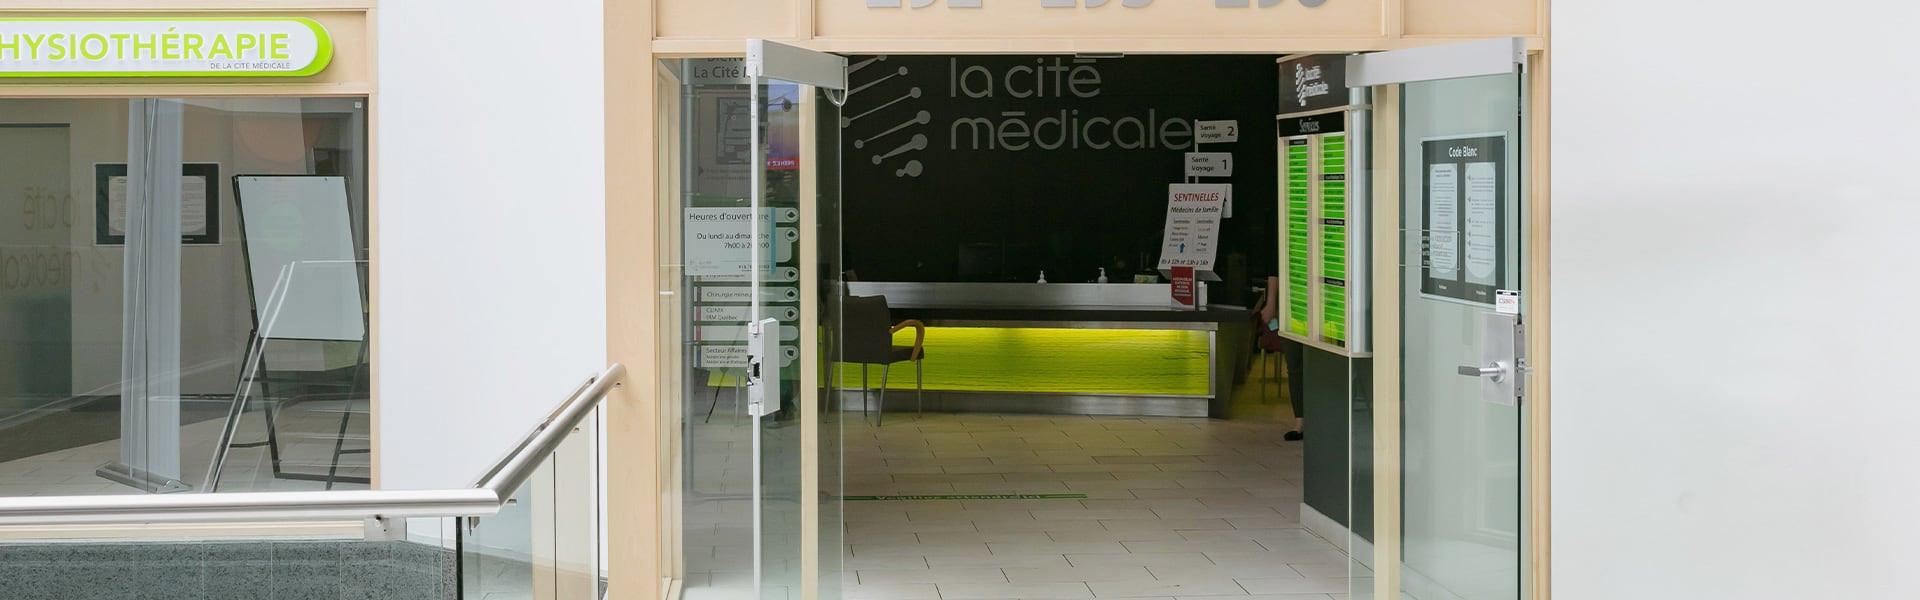 La Cité médicale | Place de la Cité